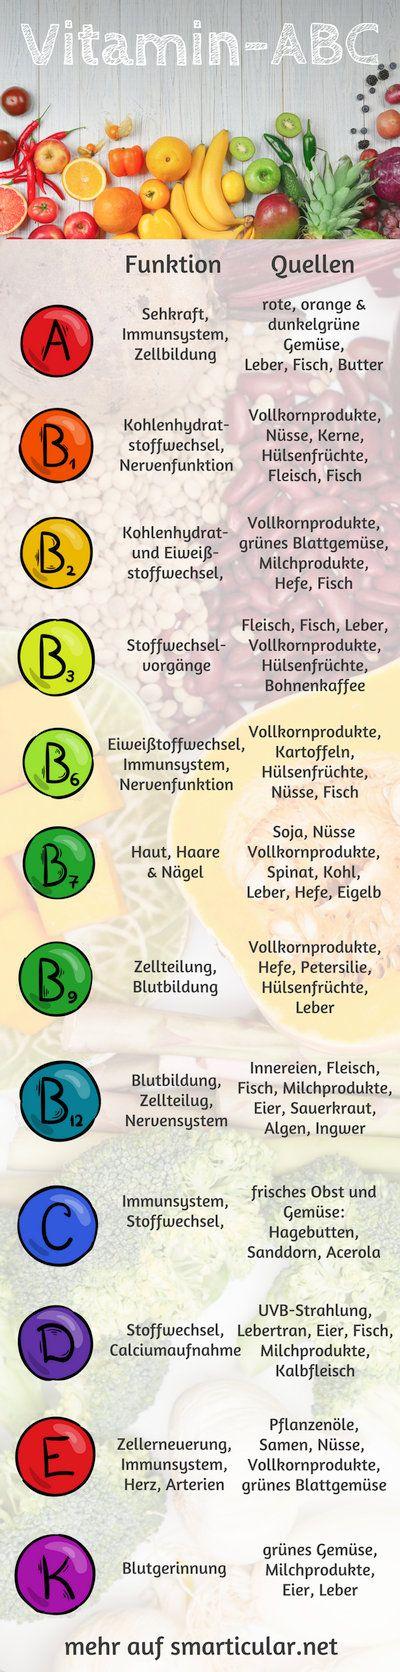 Vitamin-ABC: Wo steckt was drin und wofür ist es gut?